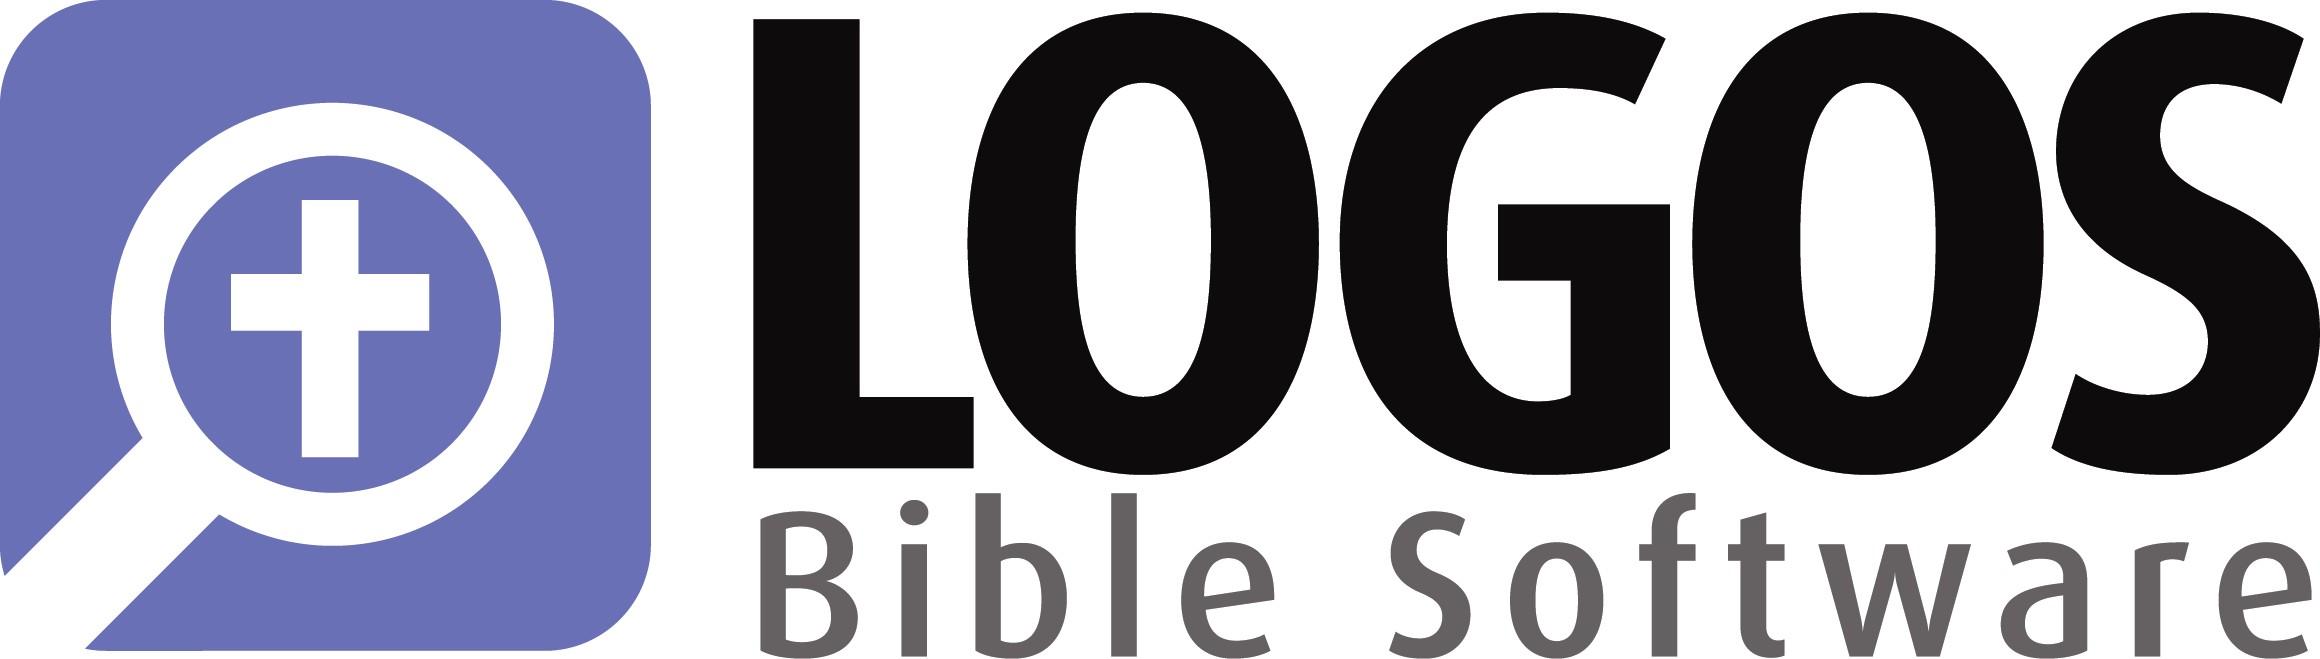 The Best Bible Software | Tony Jones